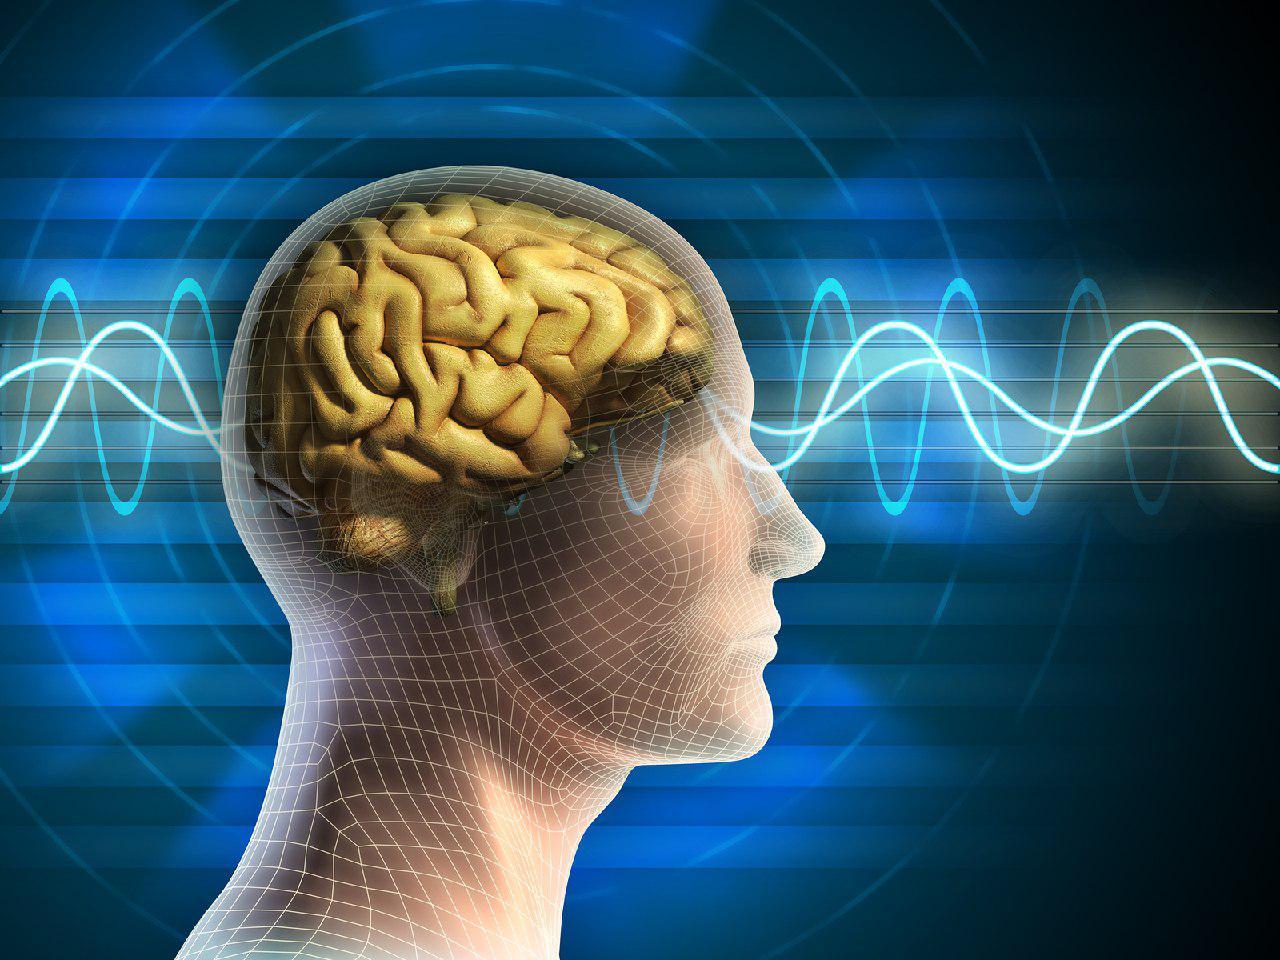 راهکارهایی برای پیشگیری از سکته مغزی/ سالانه حدود ۷۰ تا ۱۰۰ هزار ایرانی گرفتار سکته مغزی میشوند